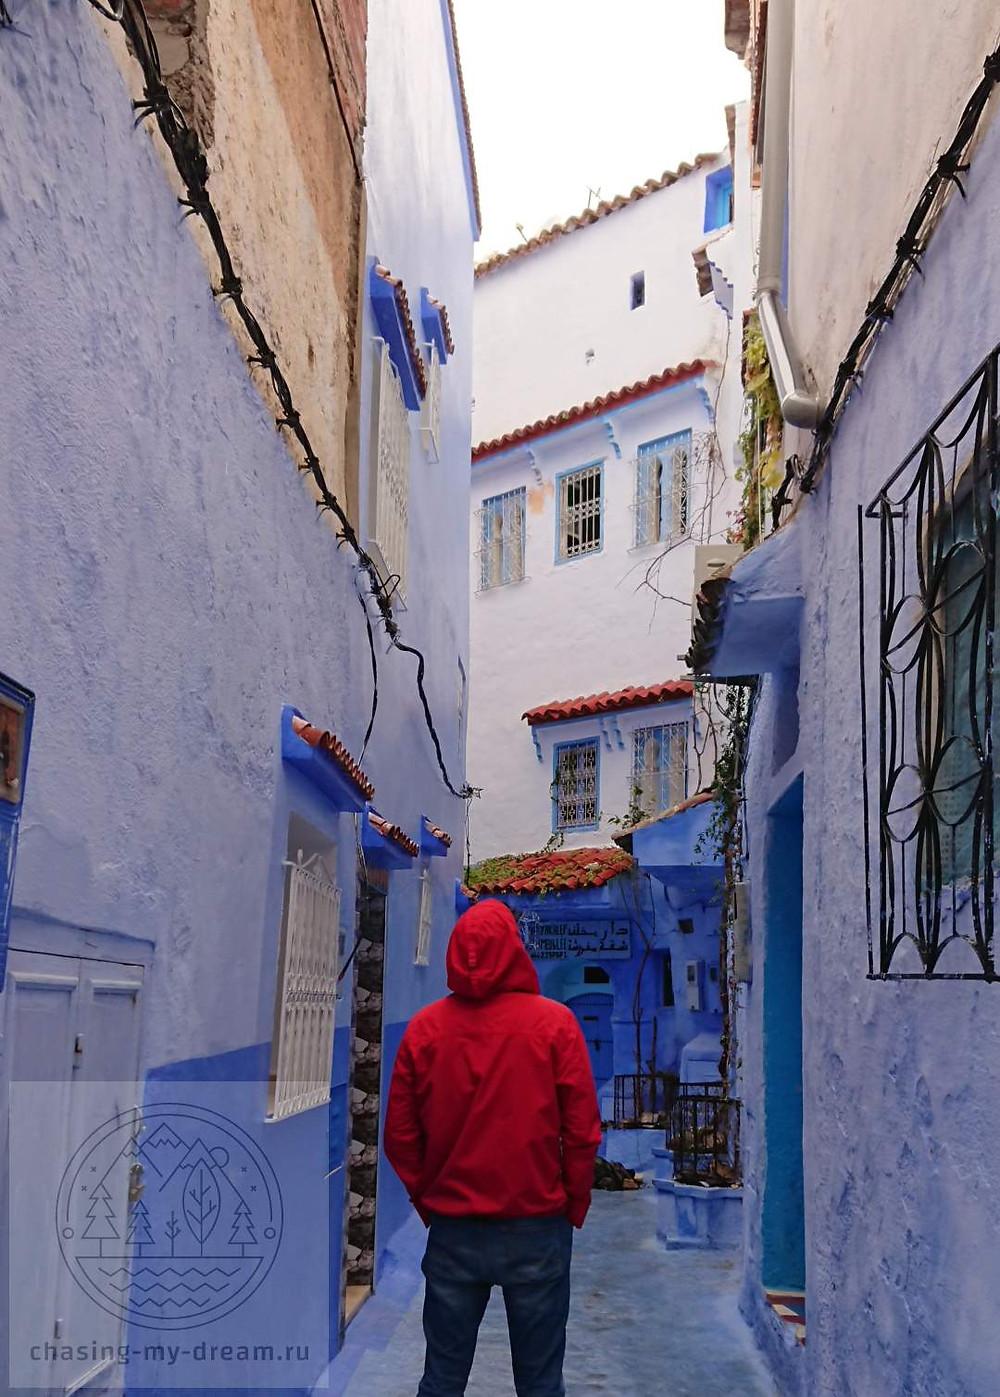 я на улице голубого города Шефшауэна - самобытное путешествие по миру в Марокко